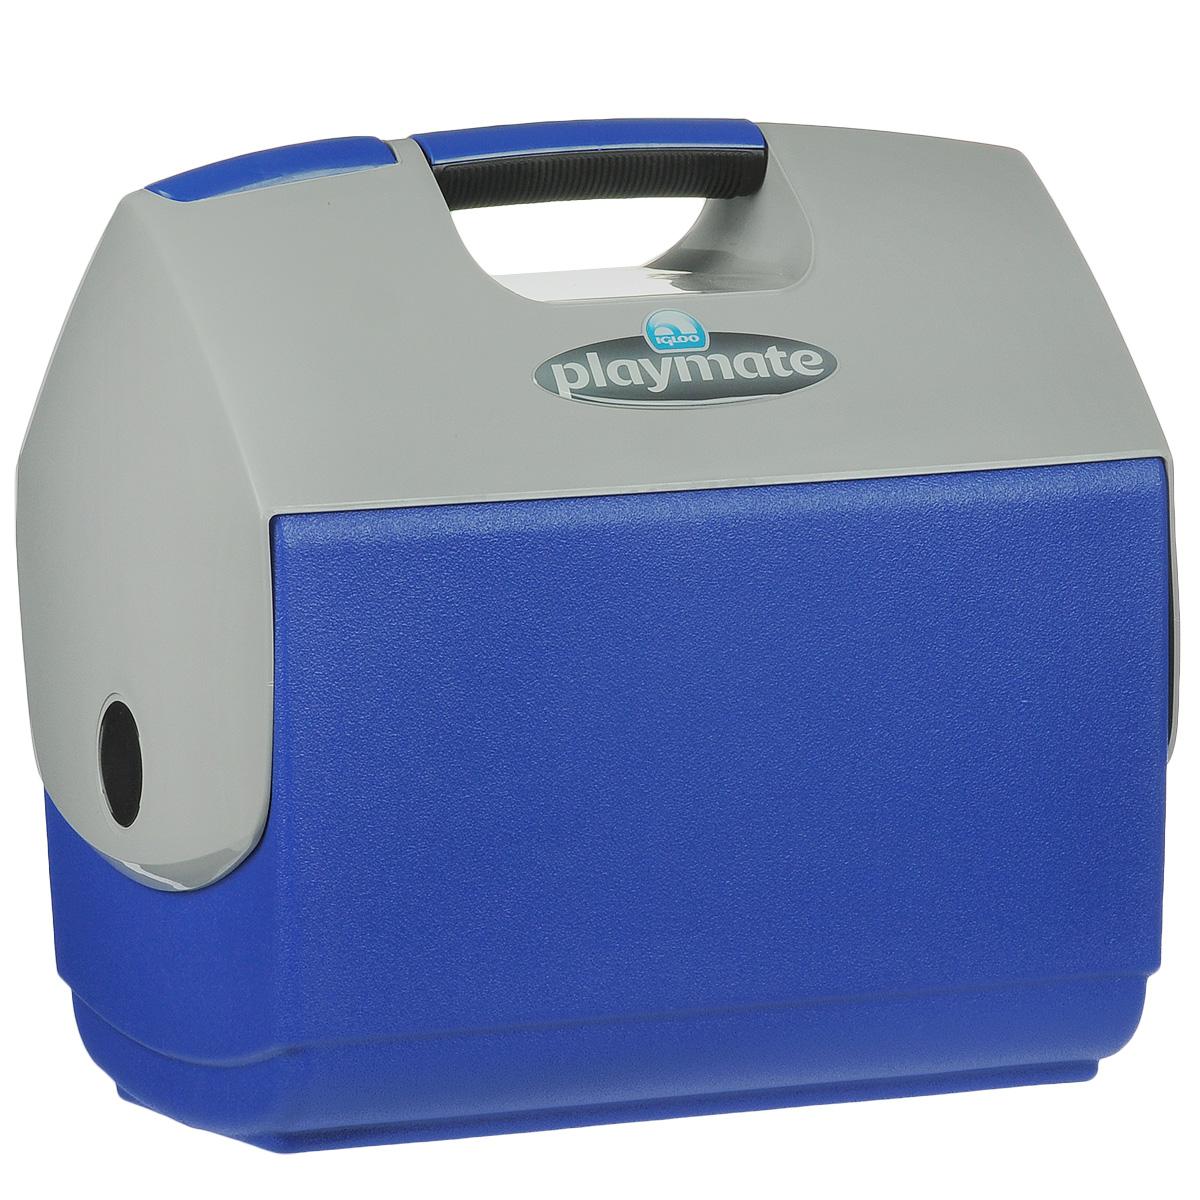 Изотермический контейнер Igloo Playmate Elite, цвет: синий, 15 л68/4/5Легкий и прочный изотермический контейнер Igloo Playmate Elite, изготовленный из высококачественного пластика, предназначен для транспортировки и хранения продуктов и напитков. Корпус гладкий, эргономичного дизайна, ударопрочный. Поддержание внутреннего микроклимата обеспечивается за счет термоизоляционной прокладки из пены Ultra Therm, способной удерживать температуру внутри корпуса до 24 часов. Для поддержания температуры рекомендуется использовать аккумуляторы холода (в комплект не входят). Контейнер имеет удобную ручку и распахивающуюся крышку для легкого доступа к продуктам. Крышка плотно и герметично закрывается. Оригинальный замок на крышке Playmate-Realise позволяет открывать контейнер одной рукой.Такой контейнер можно взять с собой куда угодно: на отдых, пикник, кемпинг, на дачу, на рыбалку или охоту и т.д. Идеальный вариант для отдыха на природе.